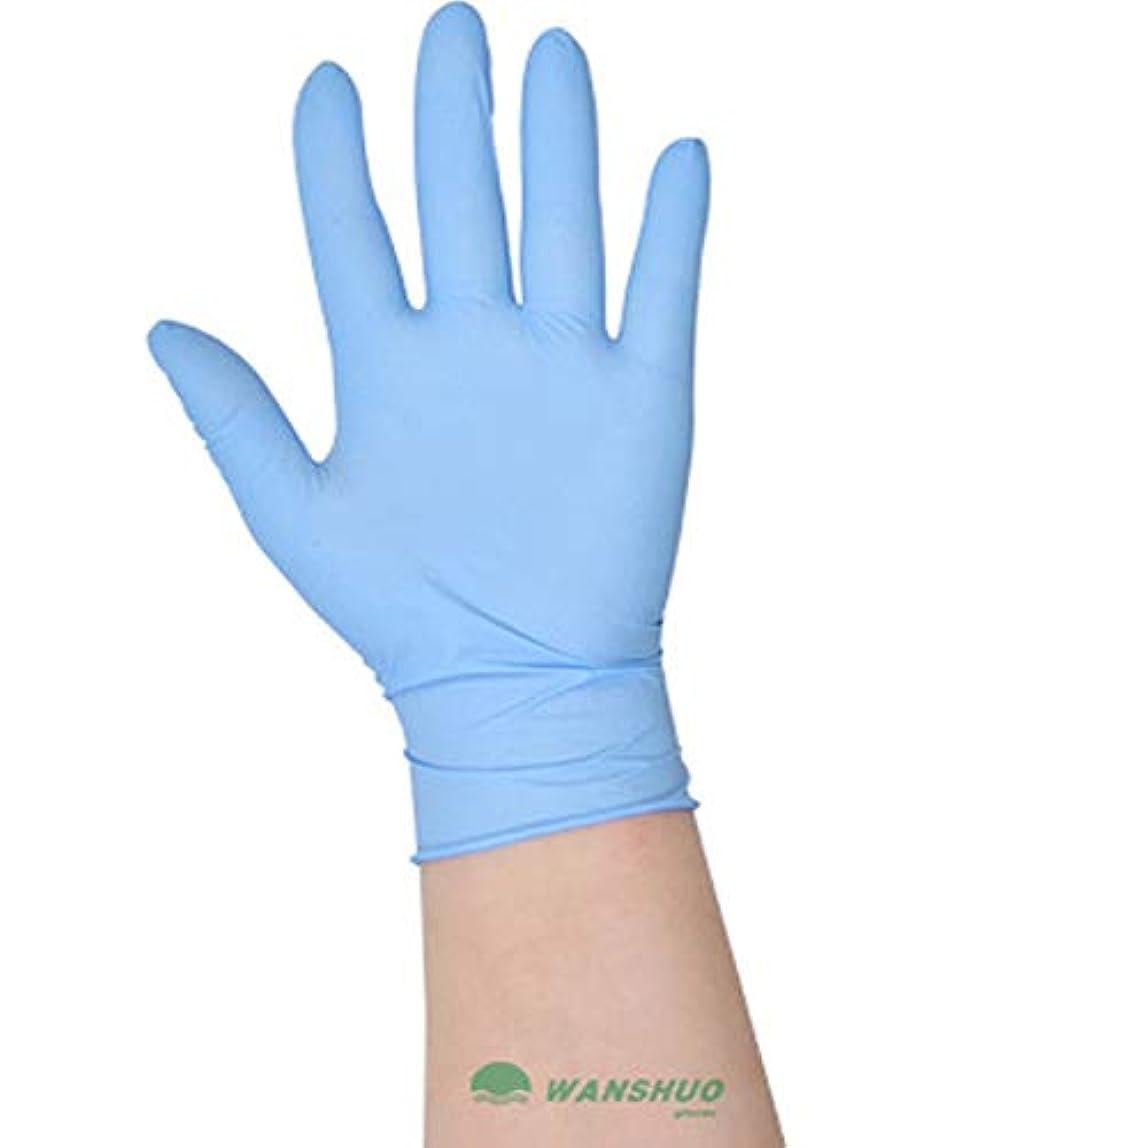 ブラシコードレス他のバンドで使い捨てニトリル手袋 - パウダーフリー、ゴムラテックスフリー、医療検査グレード、無菌、Ambidextrous - テクスチャード加工のソフト - 100個入りの箱 (Color : Light blue, Size...